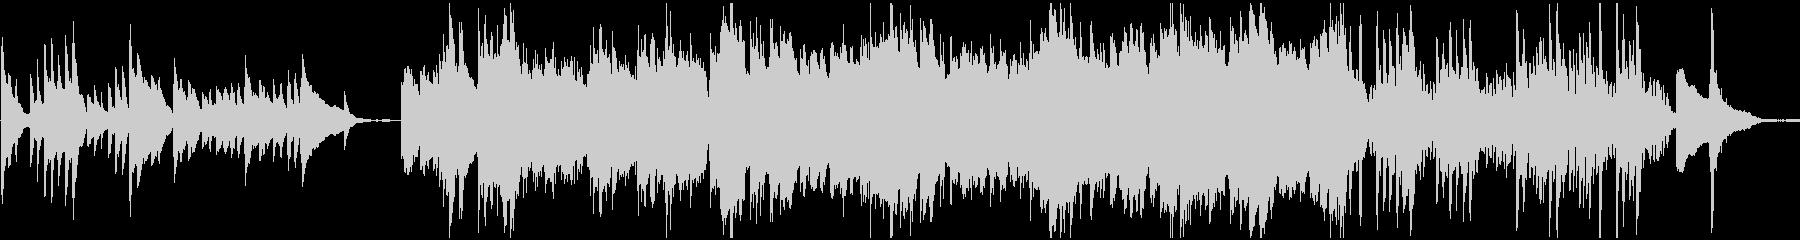 月/夜/ピアノソロ BGMの未再生の波形